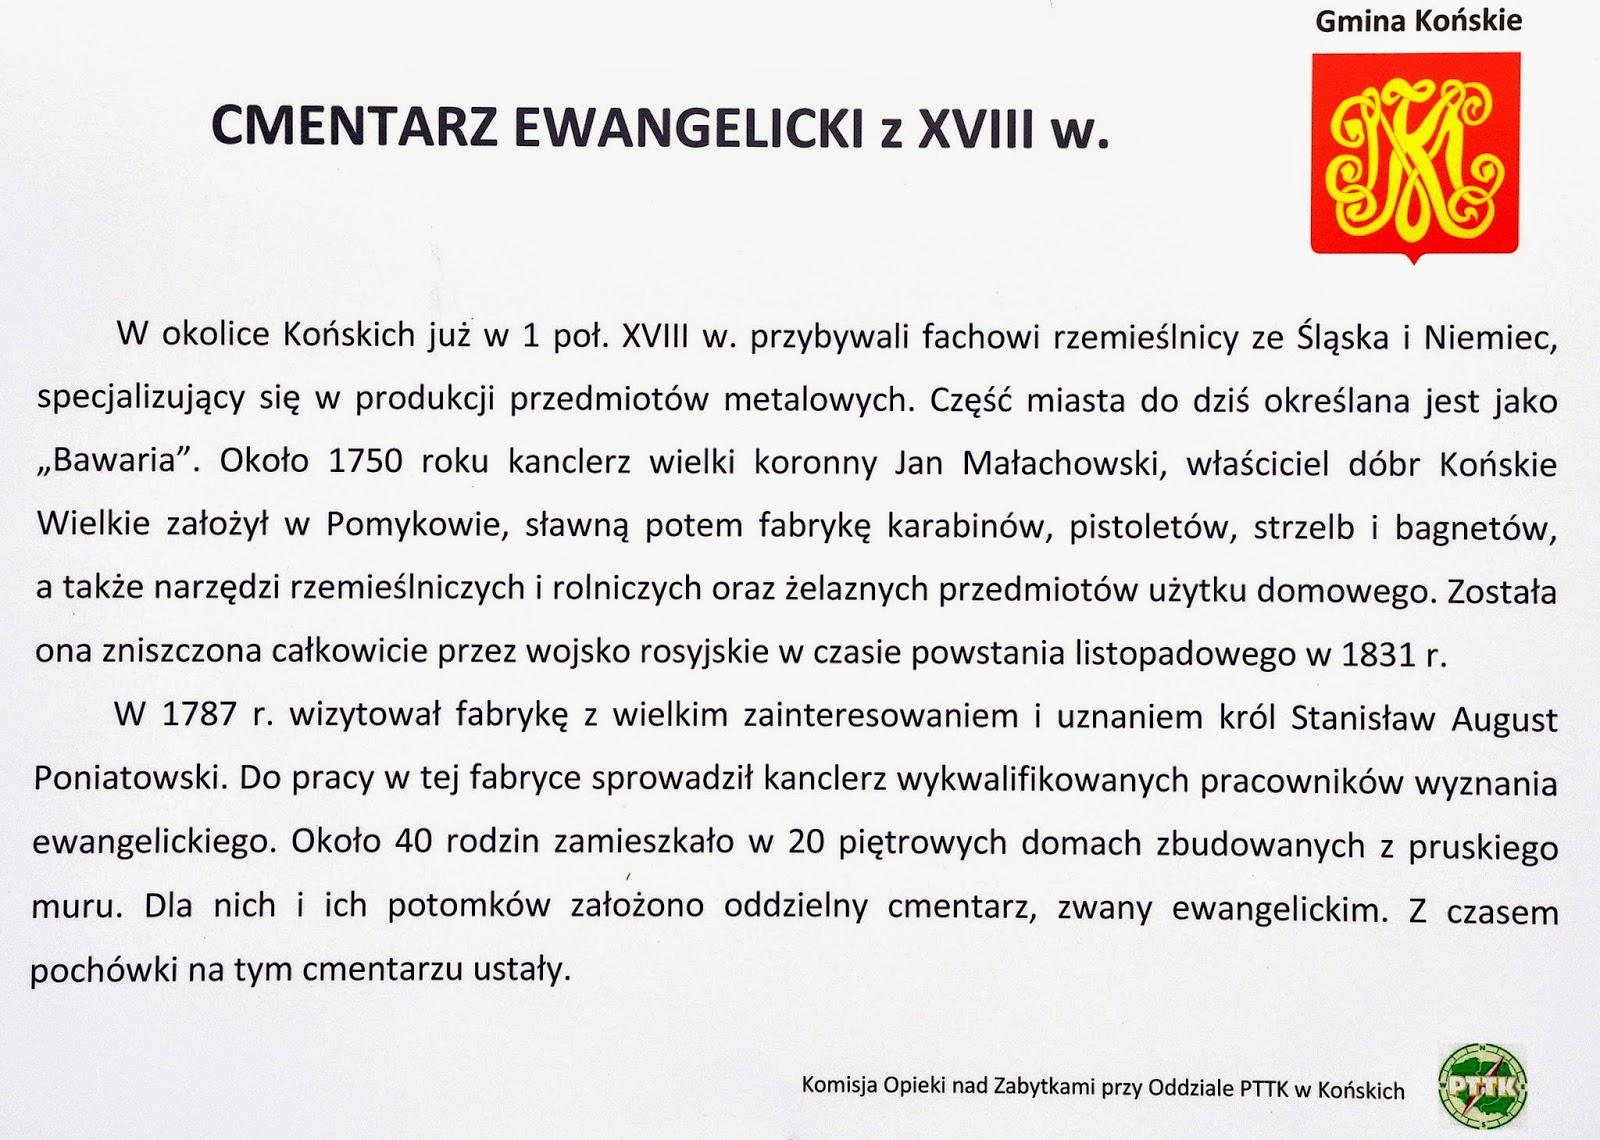 Pomyków k. Końskich, cmentarzyk osadników niemieckich z połowy XVIII wieku - lipiec 2014. Tablica informacyjna. Foto. Bartłomiej Woźniak.